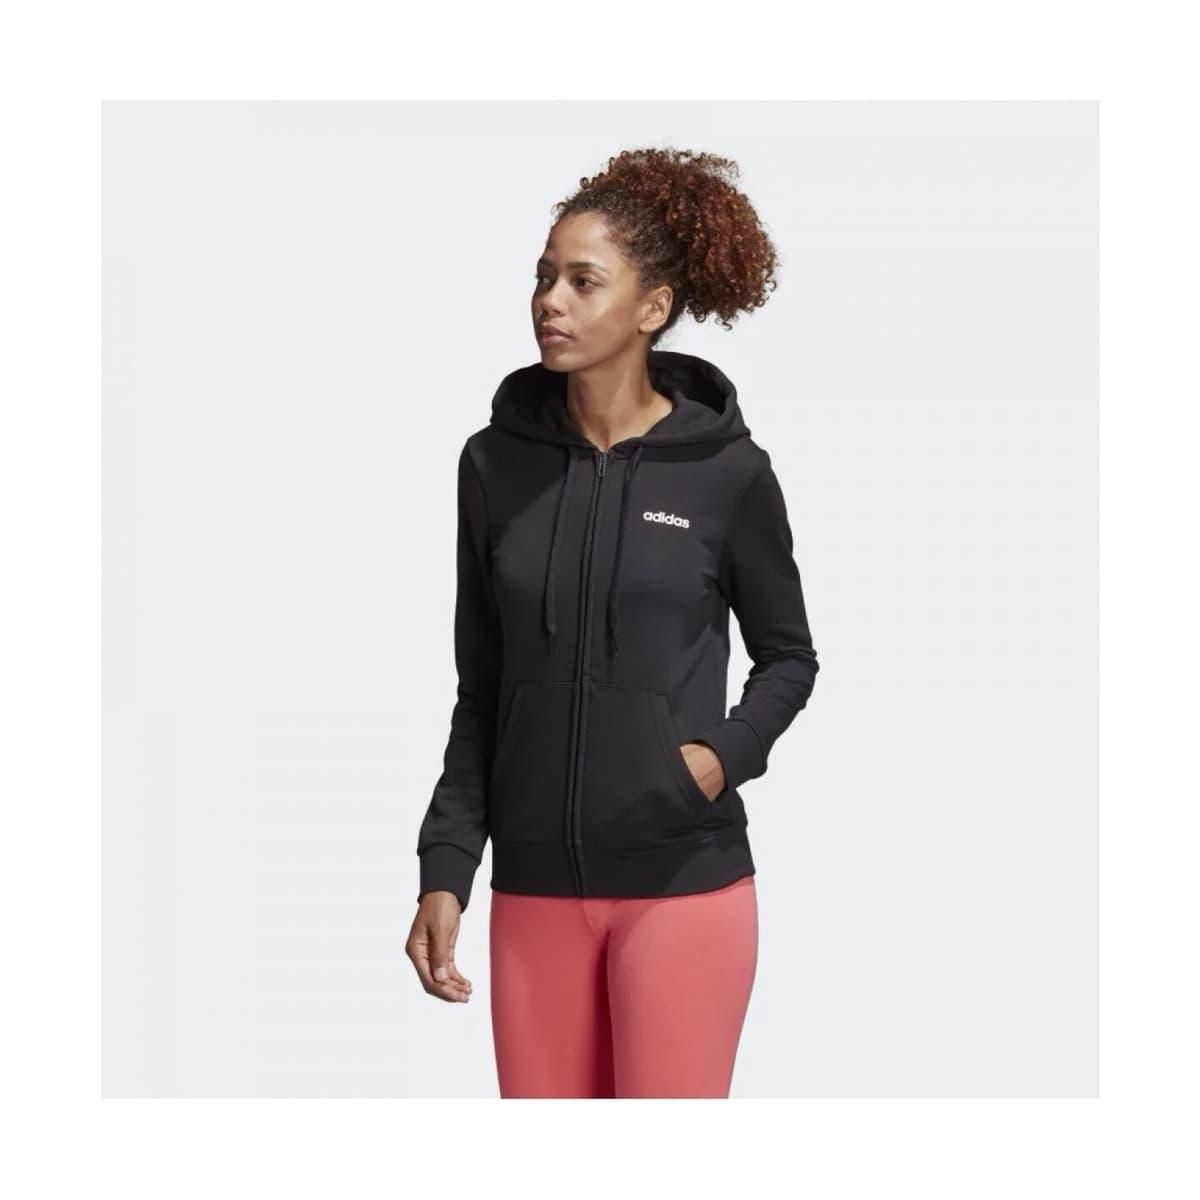 Essentials Linear Kadın Siyah Sweatshirt